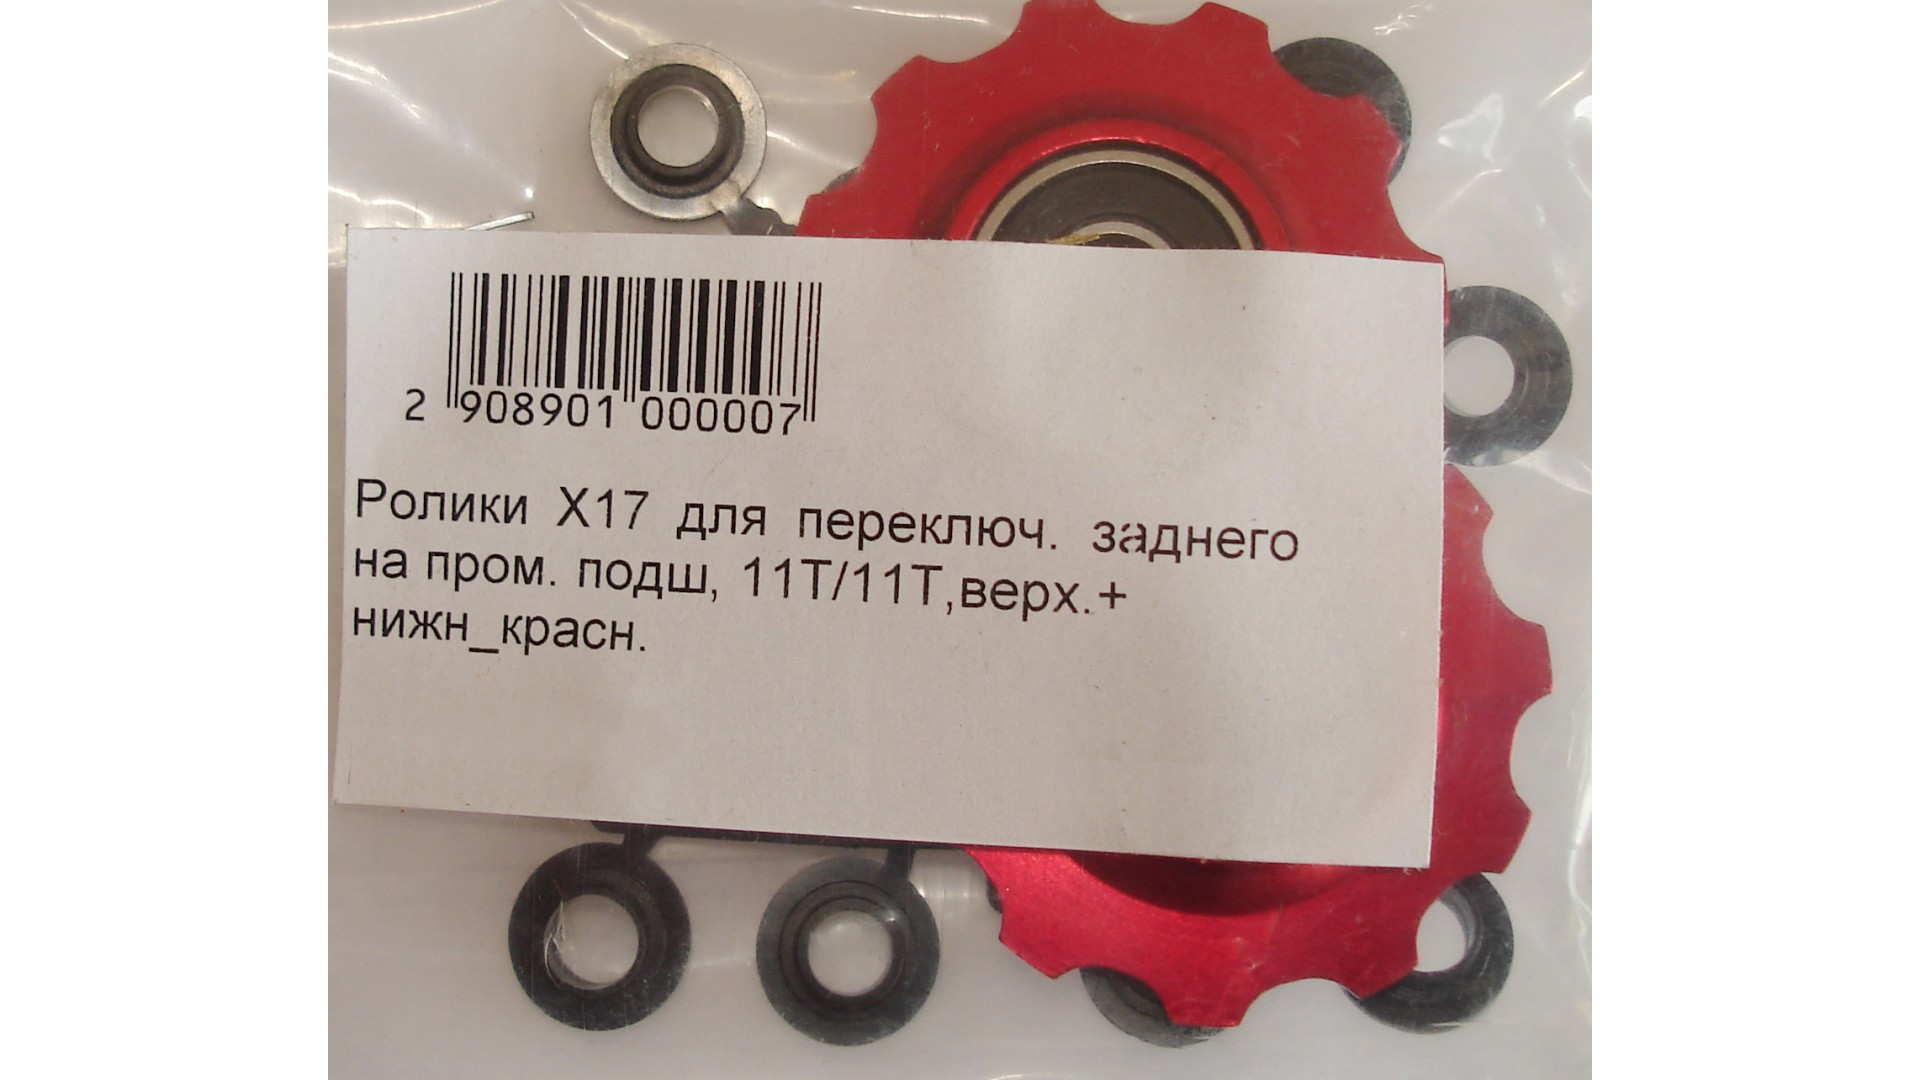 Ролики комплект к заднему переключателю X17 пром.подшипники, 11Т/11Т,верхний+нижний